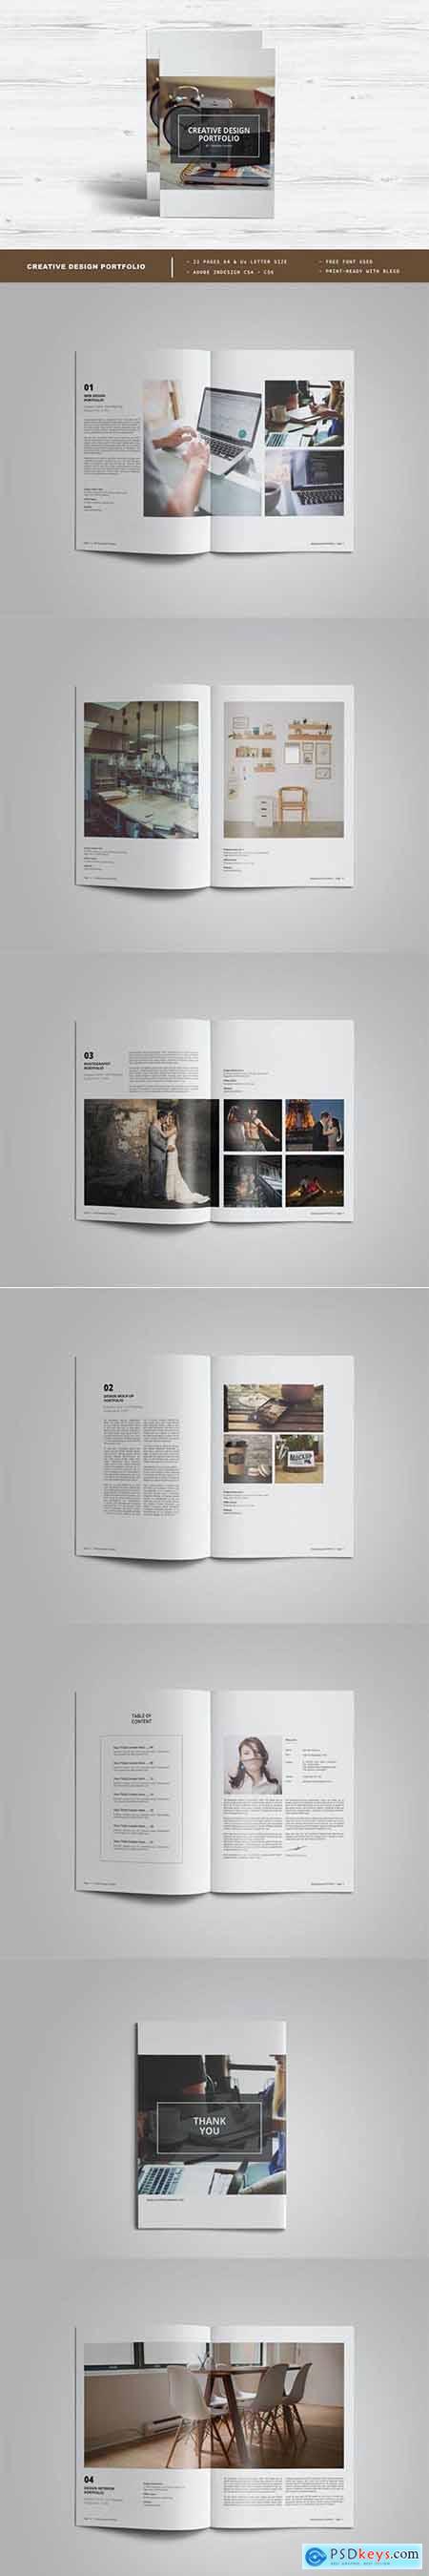 Creative Design Portfolio